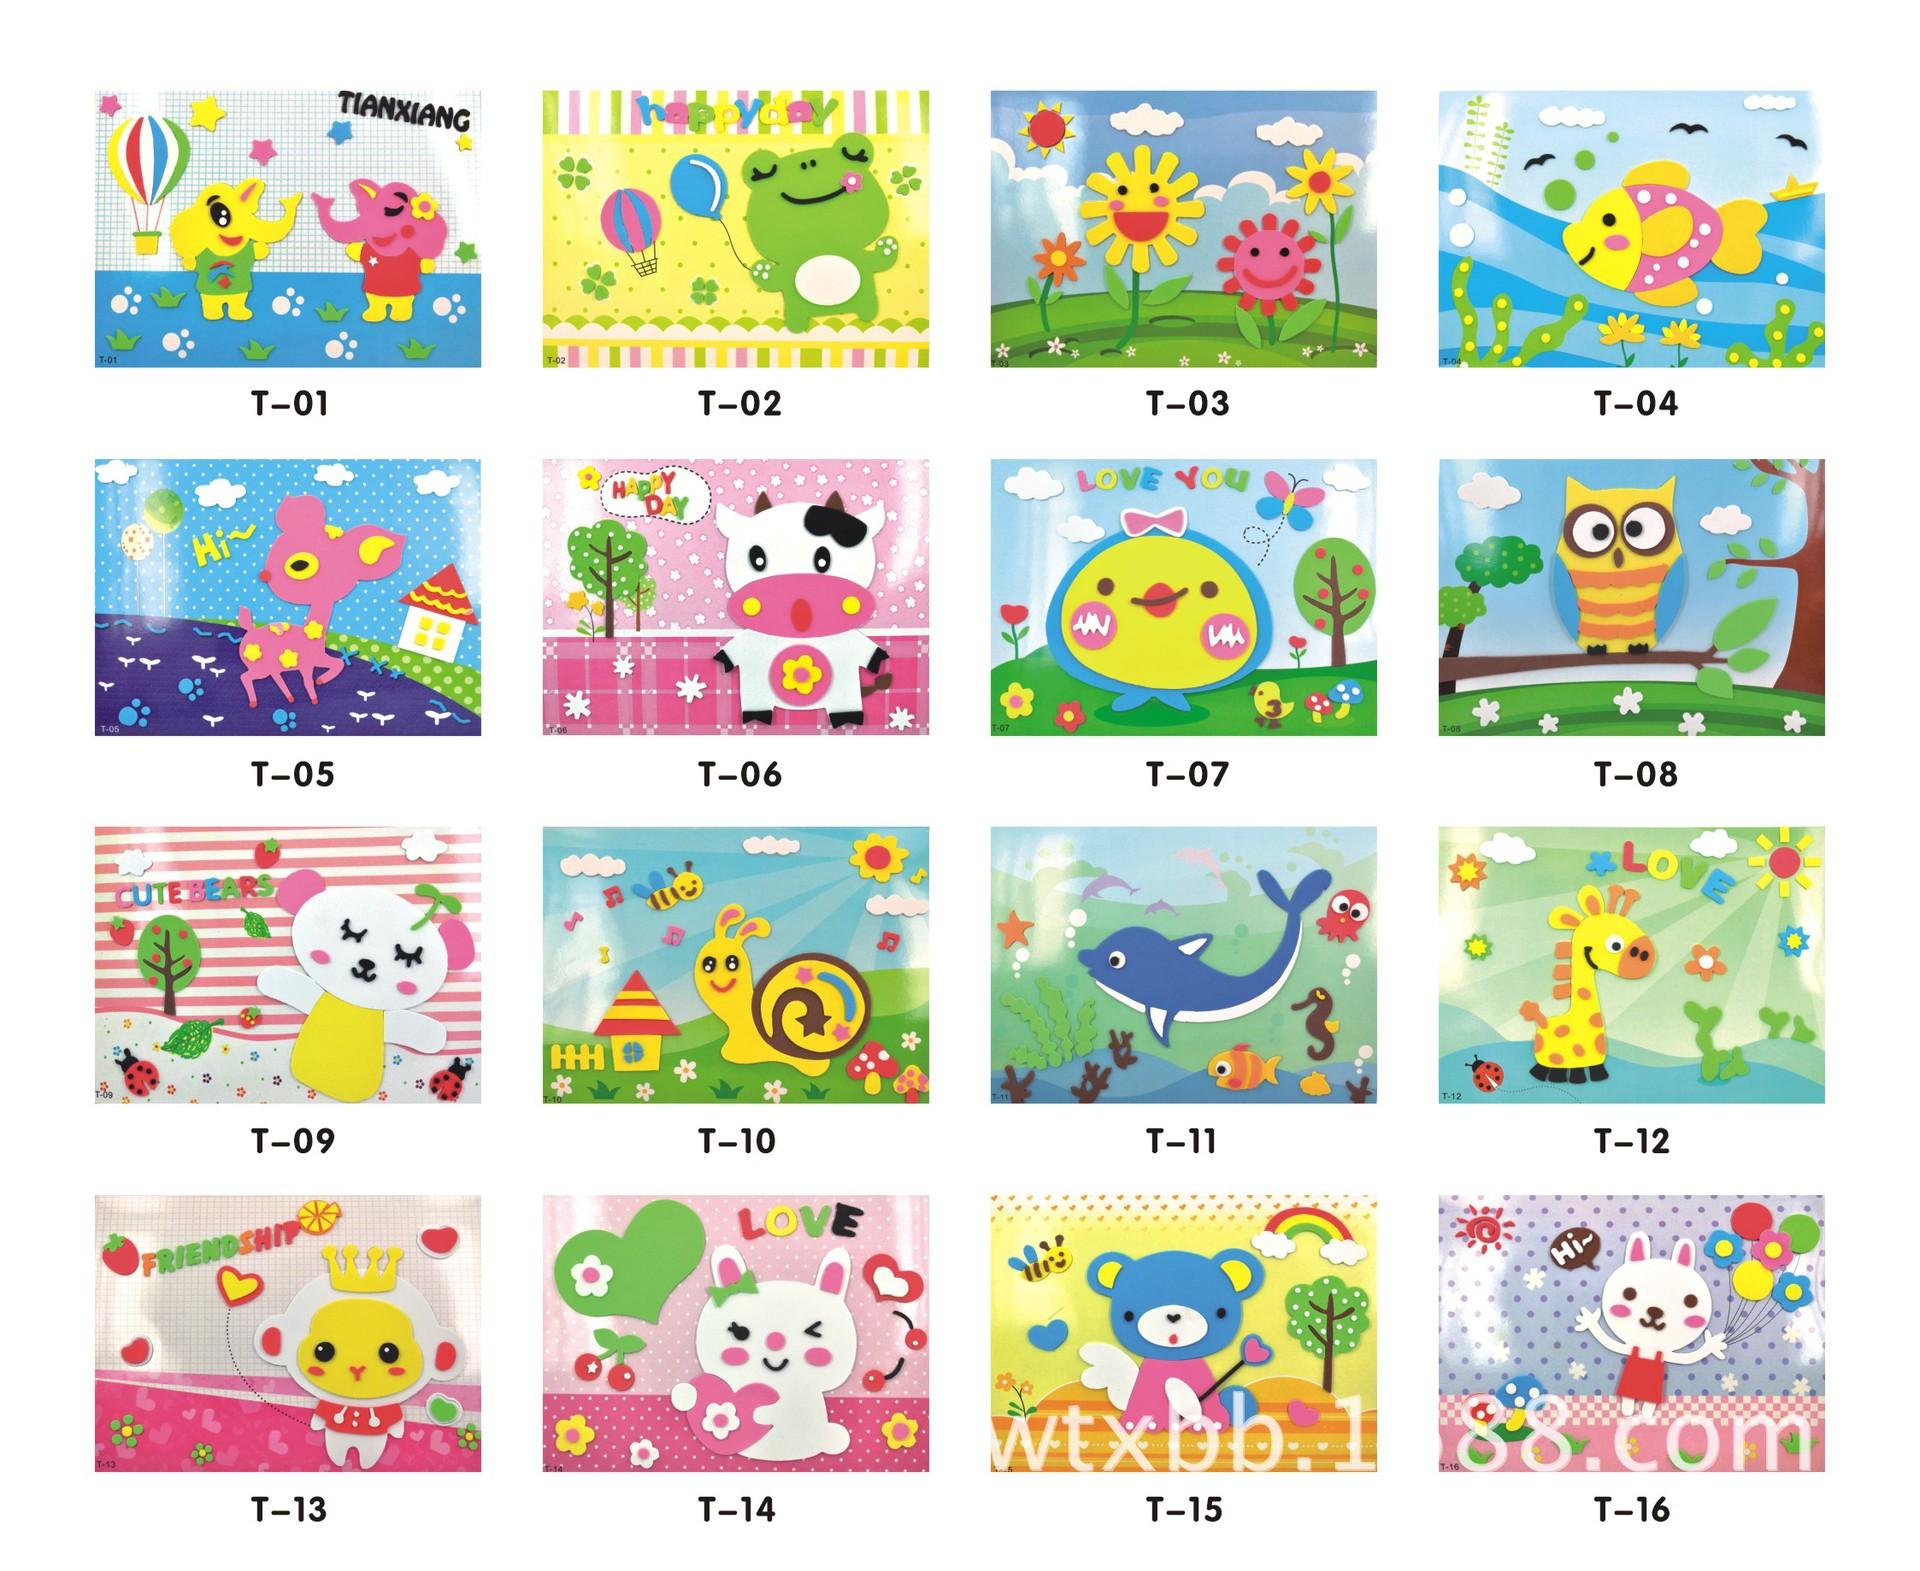 天象 16图手工贴画,益智玩具 立体粘贴画批发 -价格,厂家,图片,